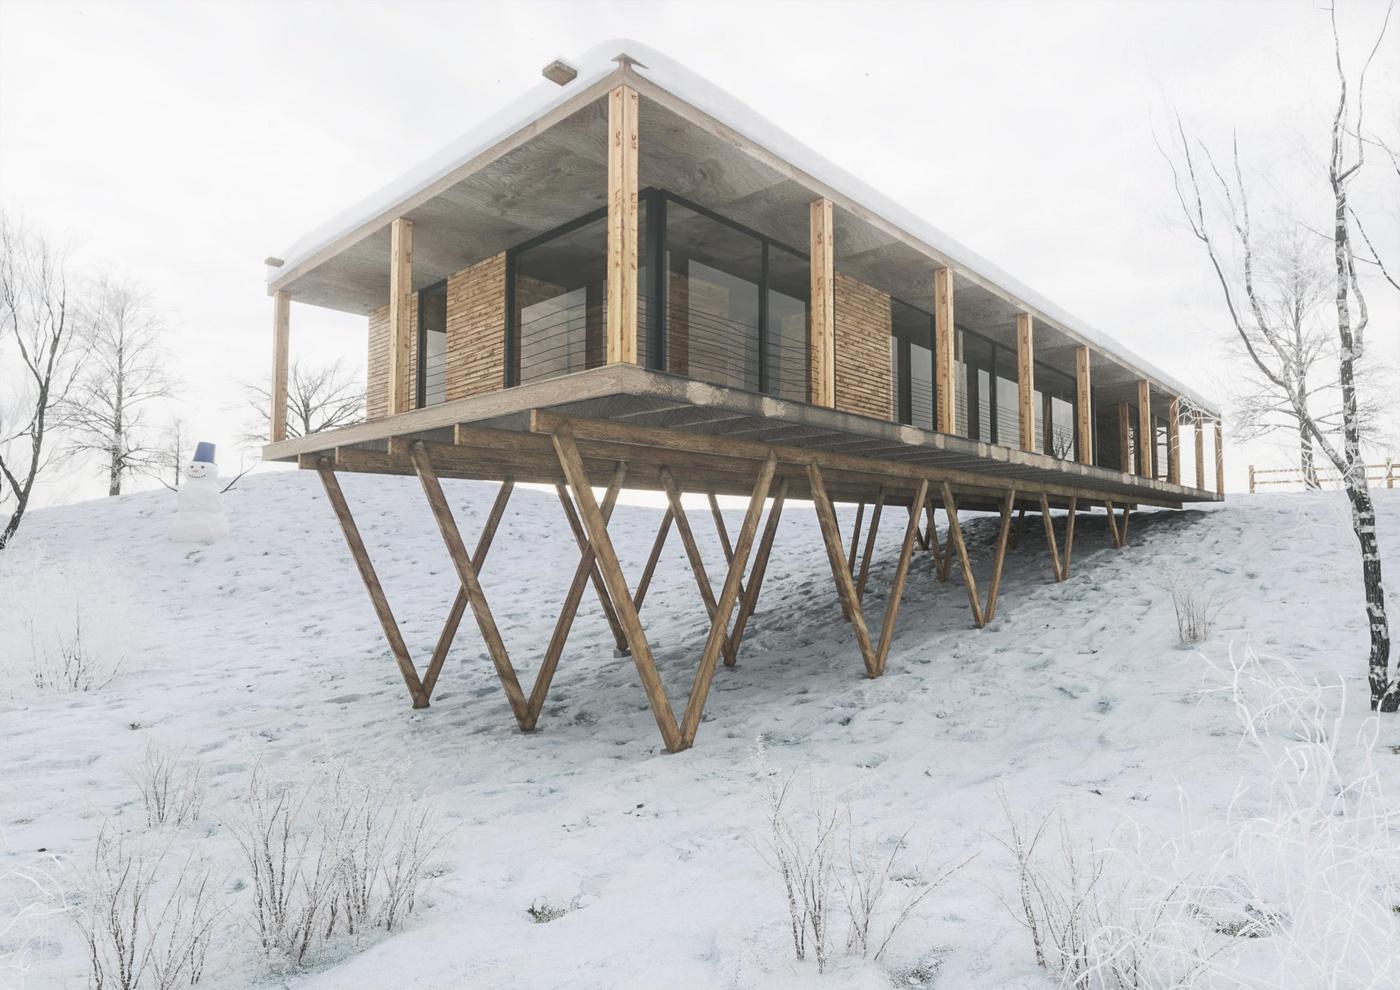 snow background 3d building render model